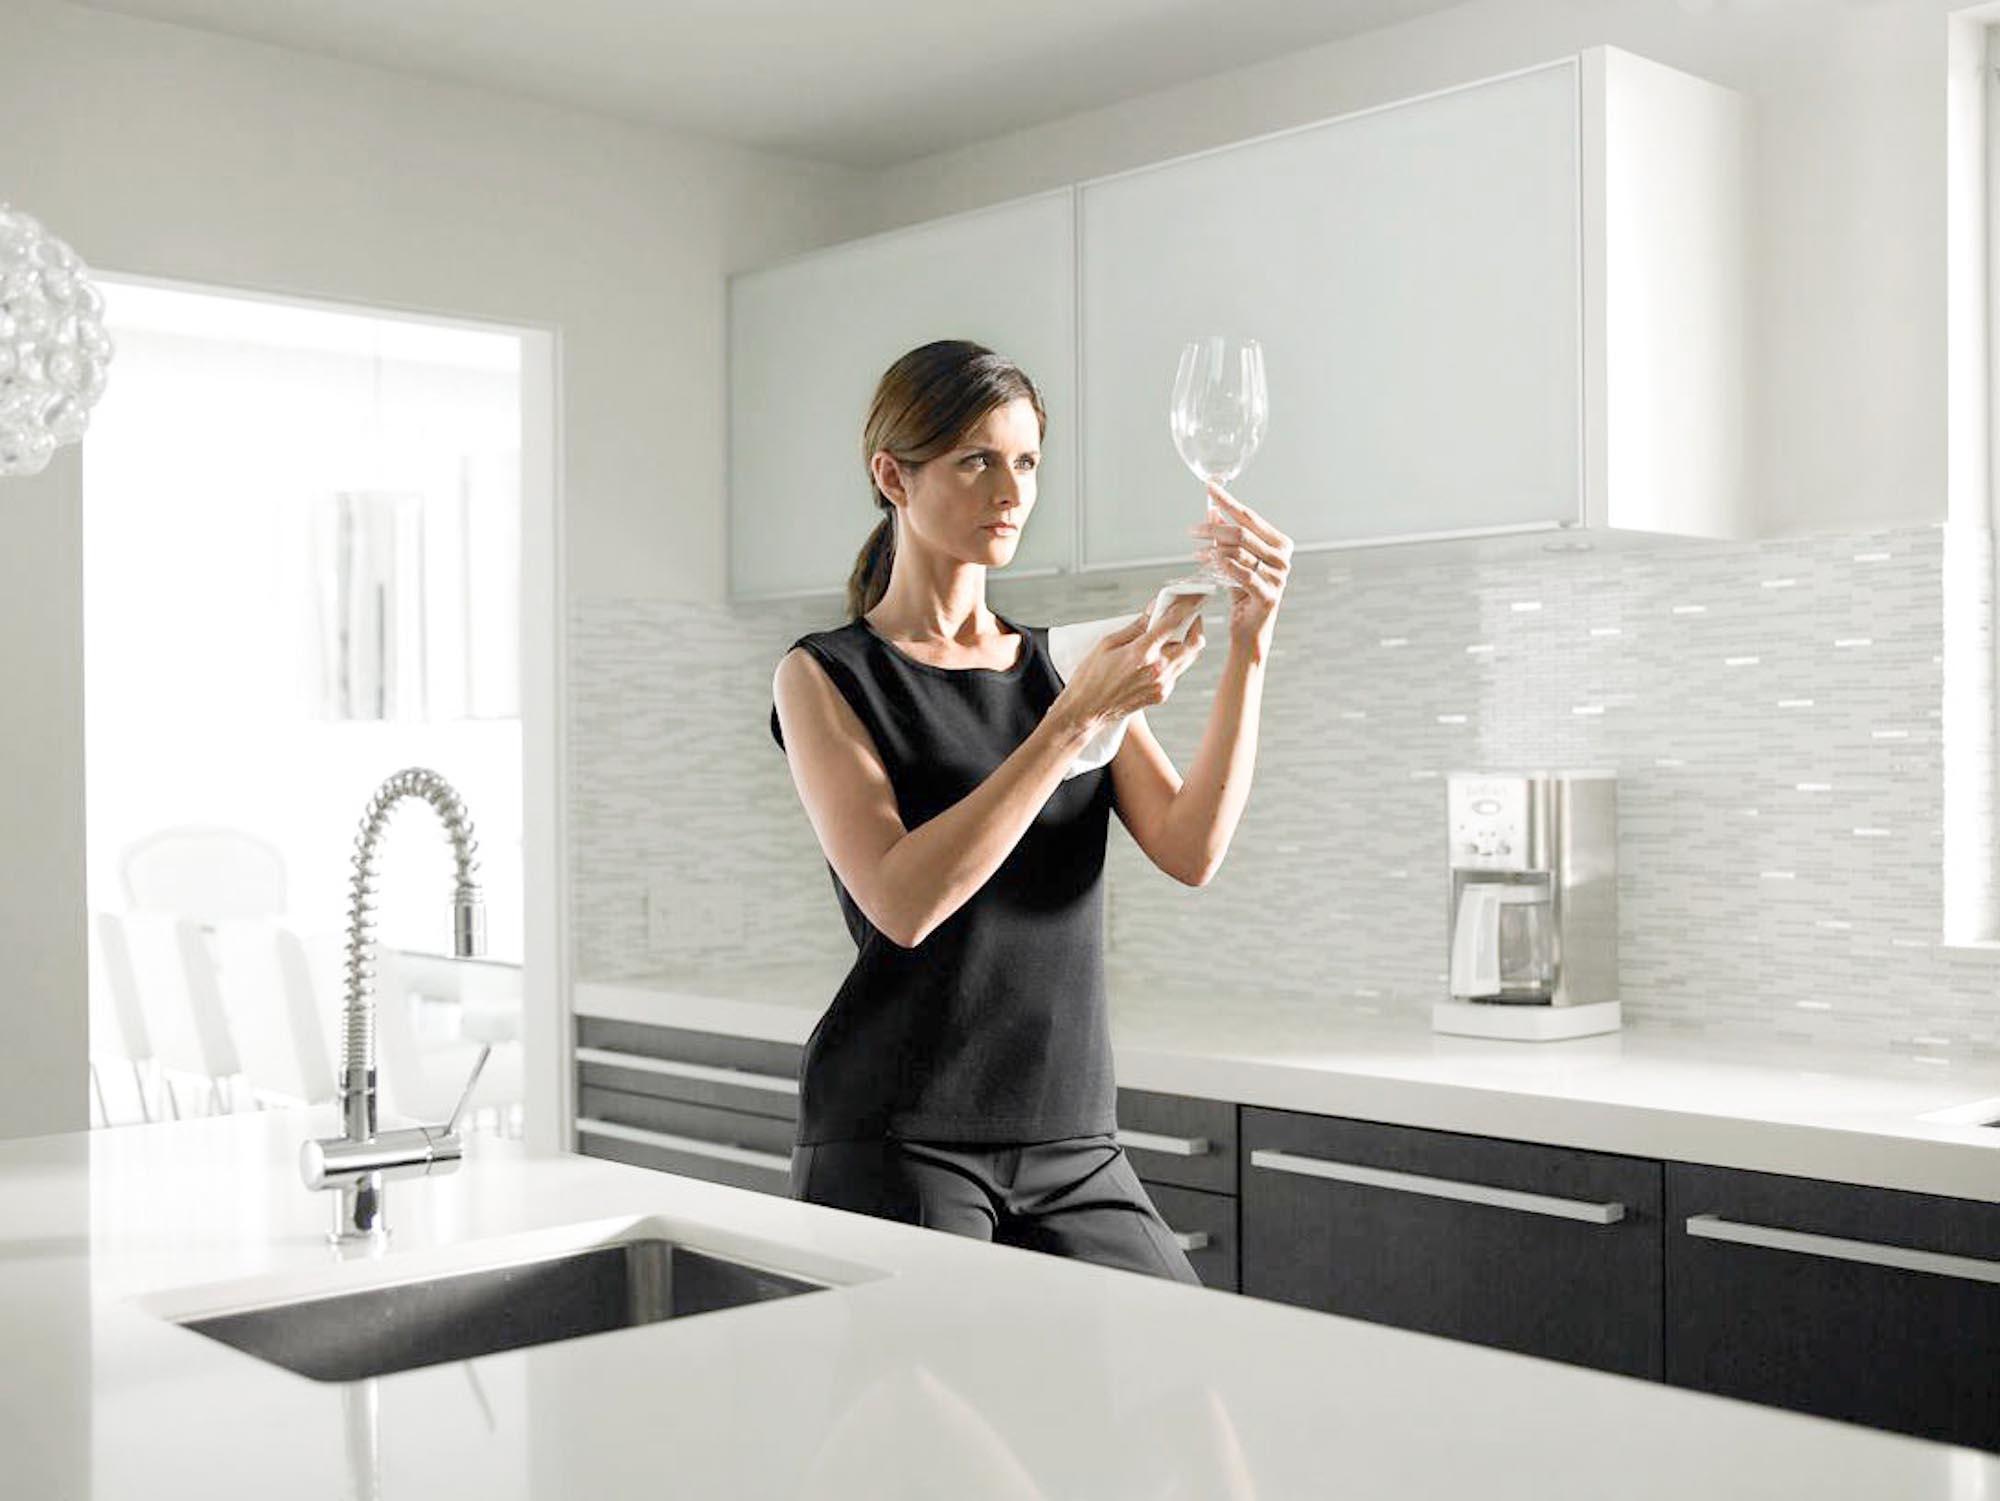 kitchen_p25_0120a.jpg